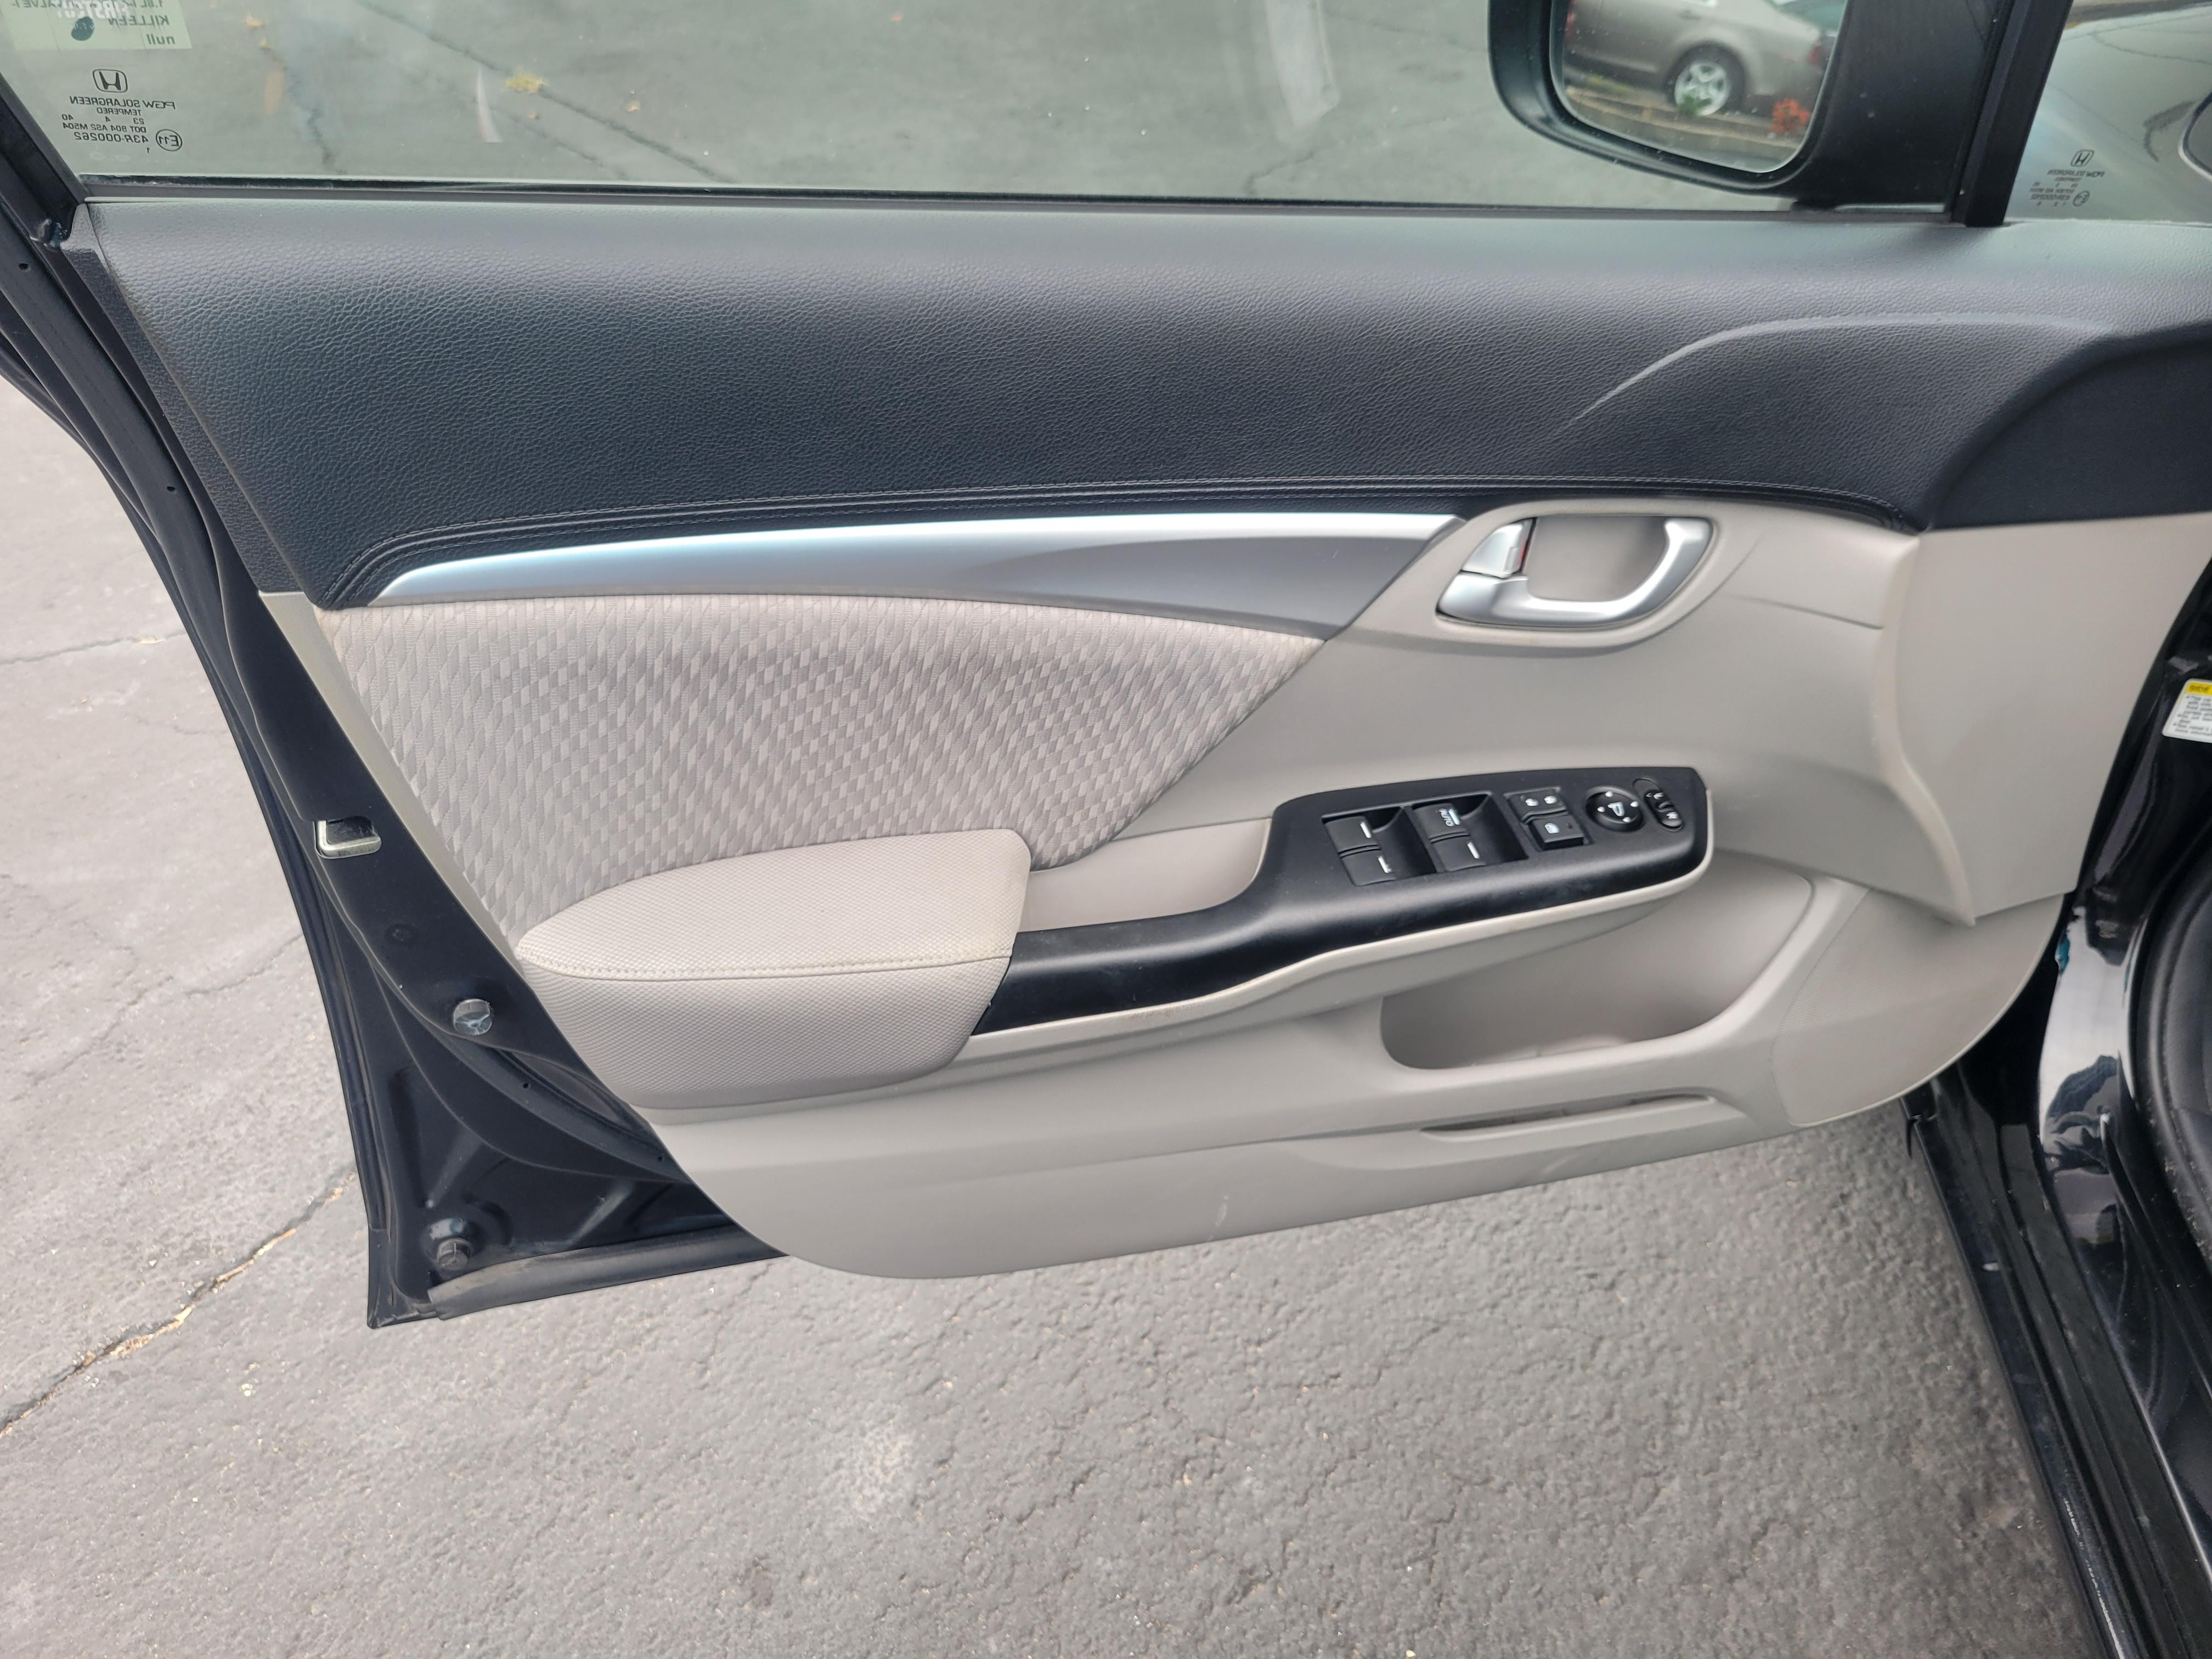 used vehicle - Sedan HONDA CIVIC 2014